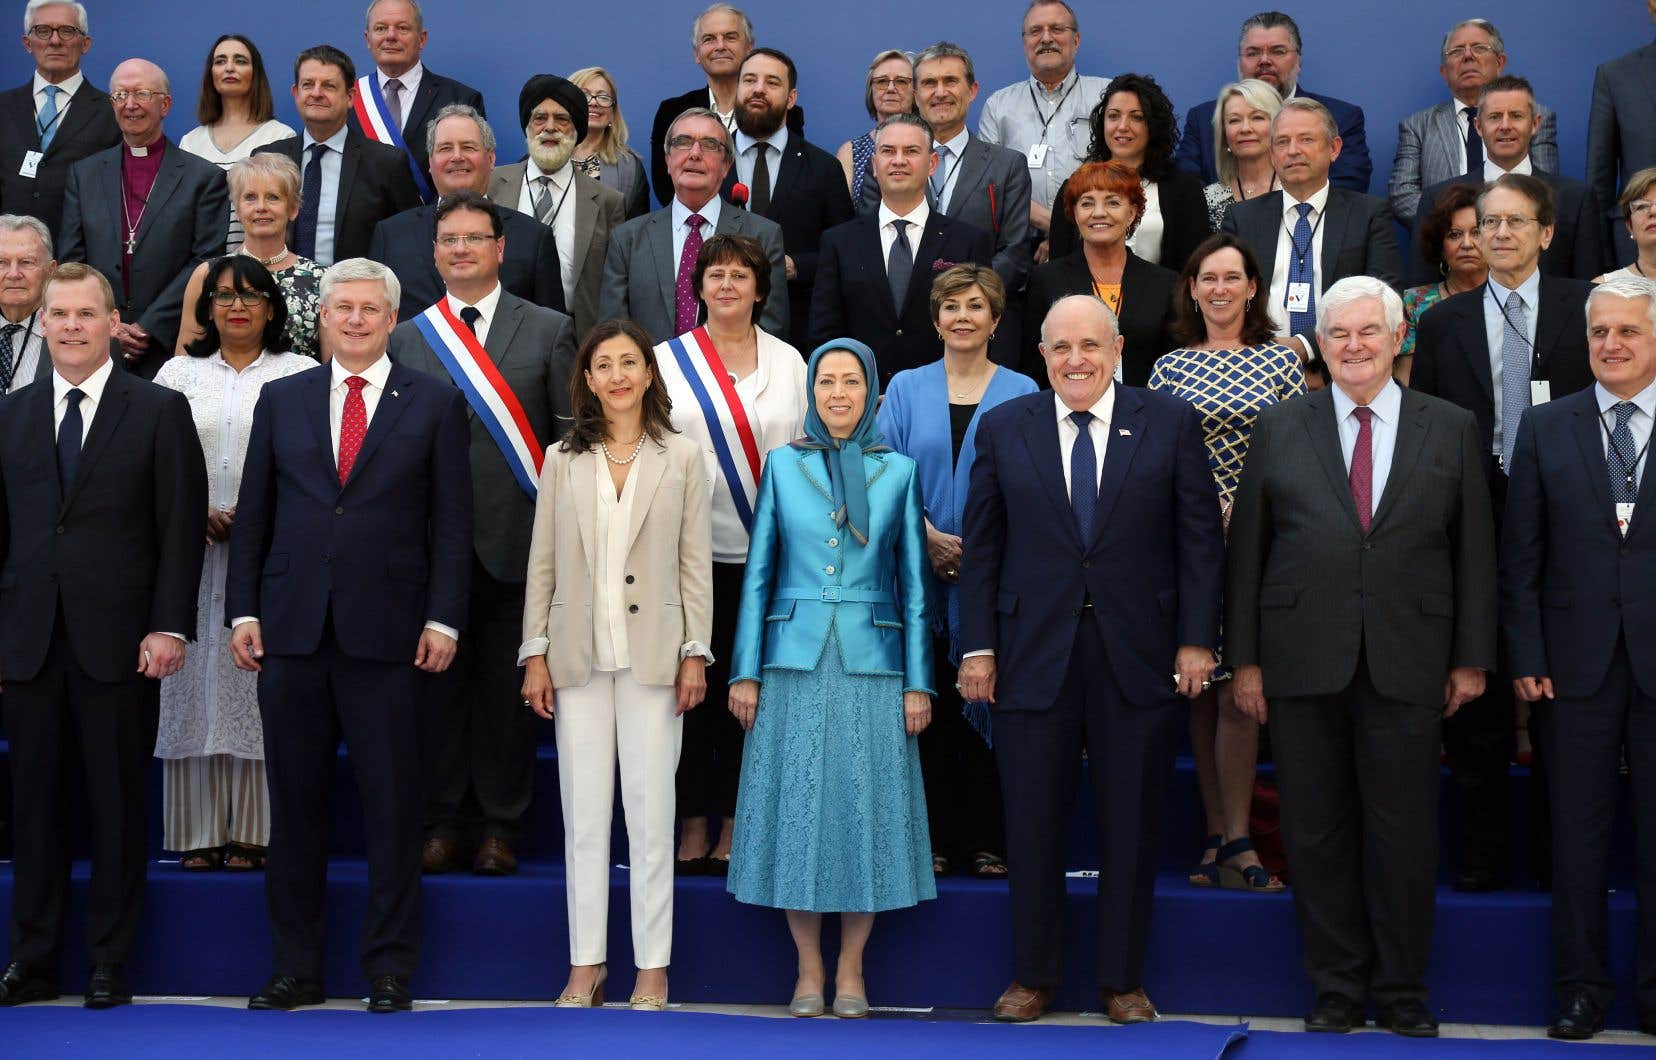 Plusieurs dignitaires ont participé à l'événement qui a eu lieu samedi, notamment l'ancien premier ministre canadien Stephen Harper et l'ex-ministre John Baird.